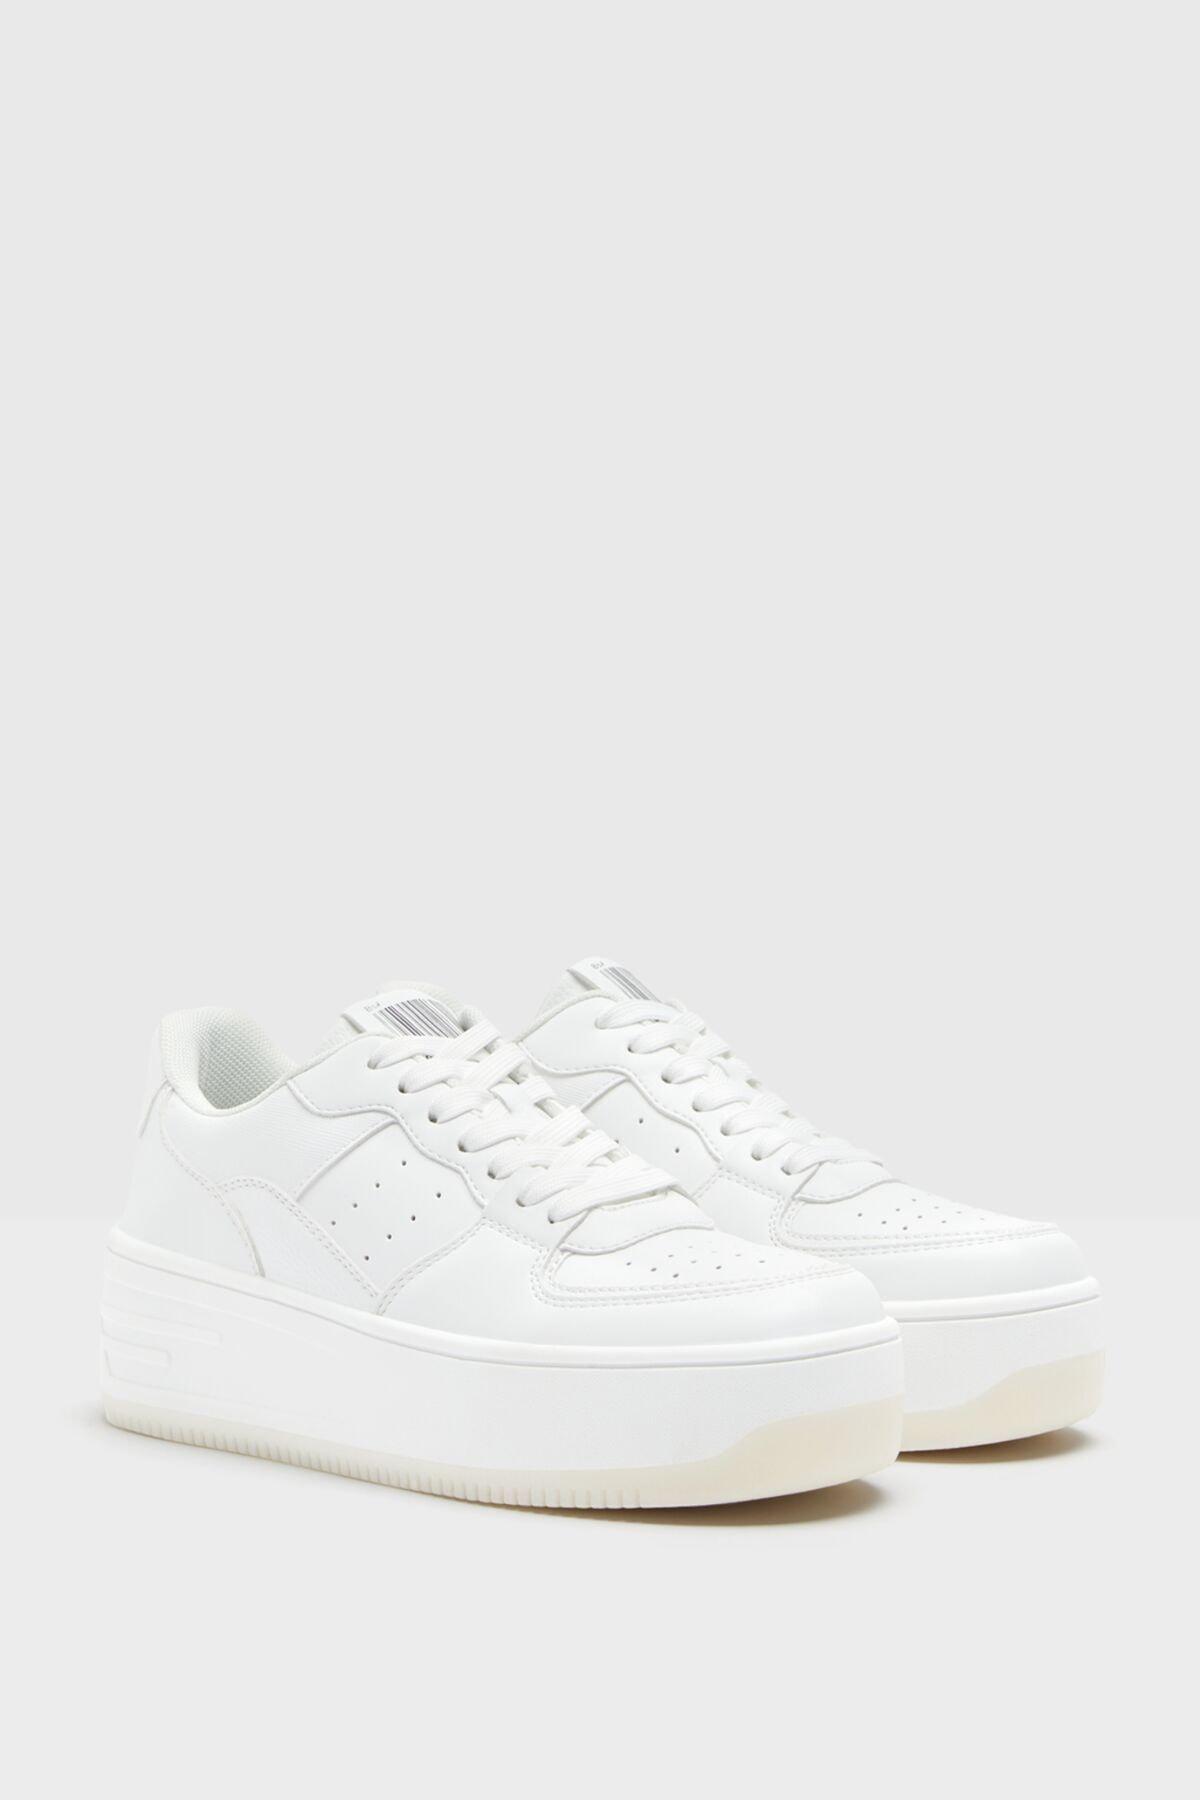 Bershka Kadın Beyaz Mikro Delikli Platform Tabanlı Spor Ayakkabı 1